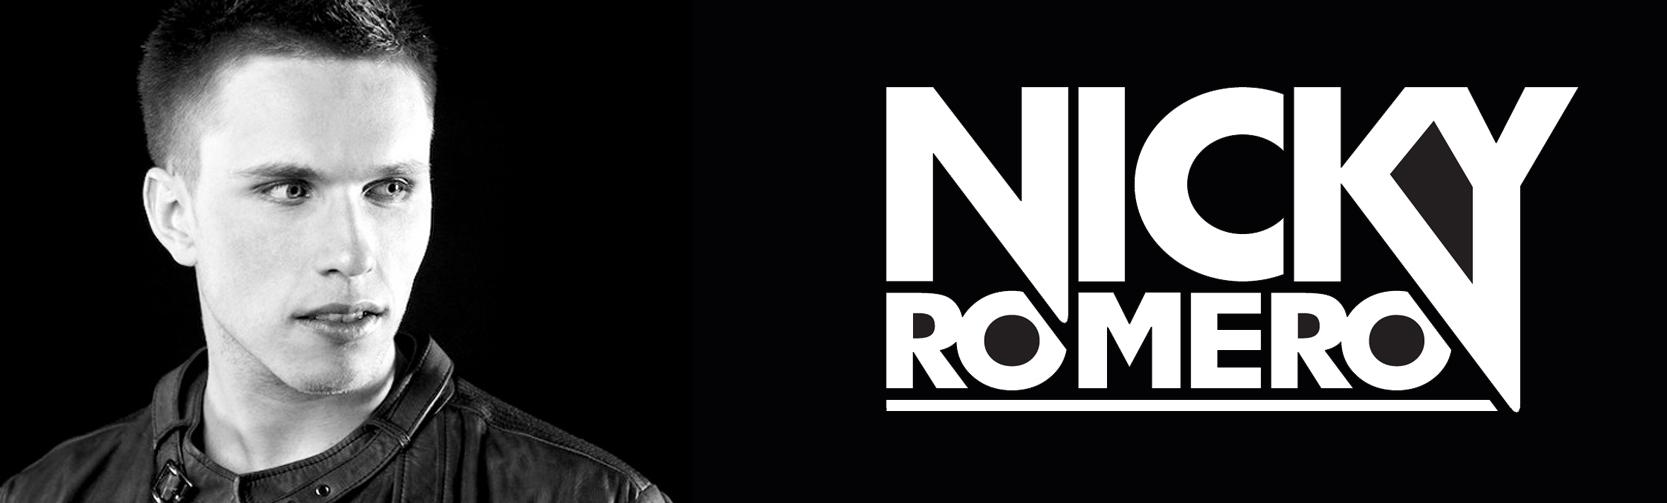 [Musica] Discografia de Nicky Romero - [320Kbps] - [Mega]